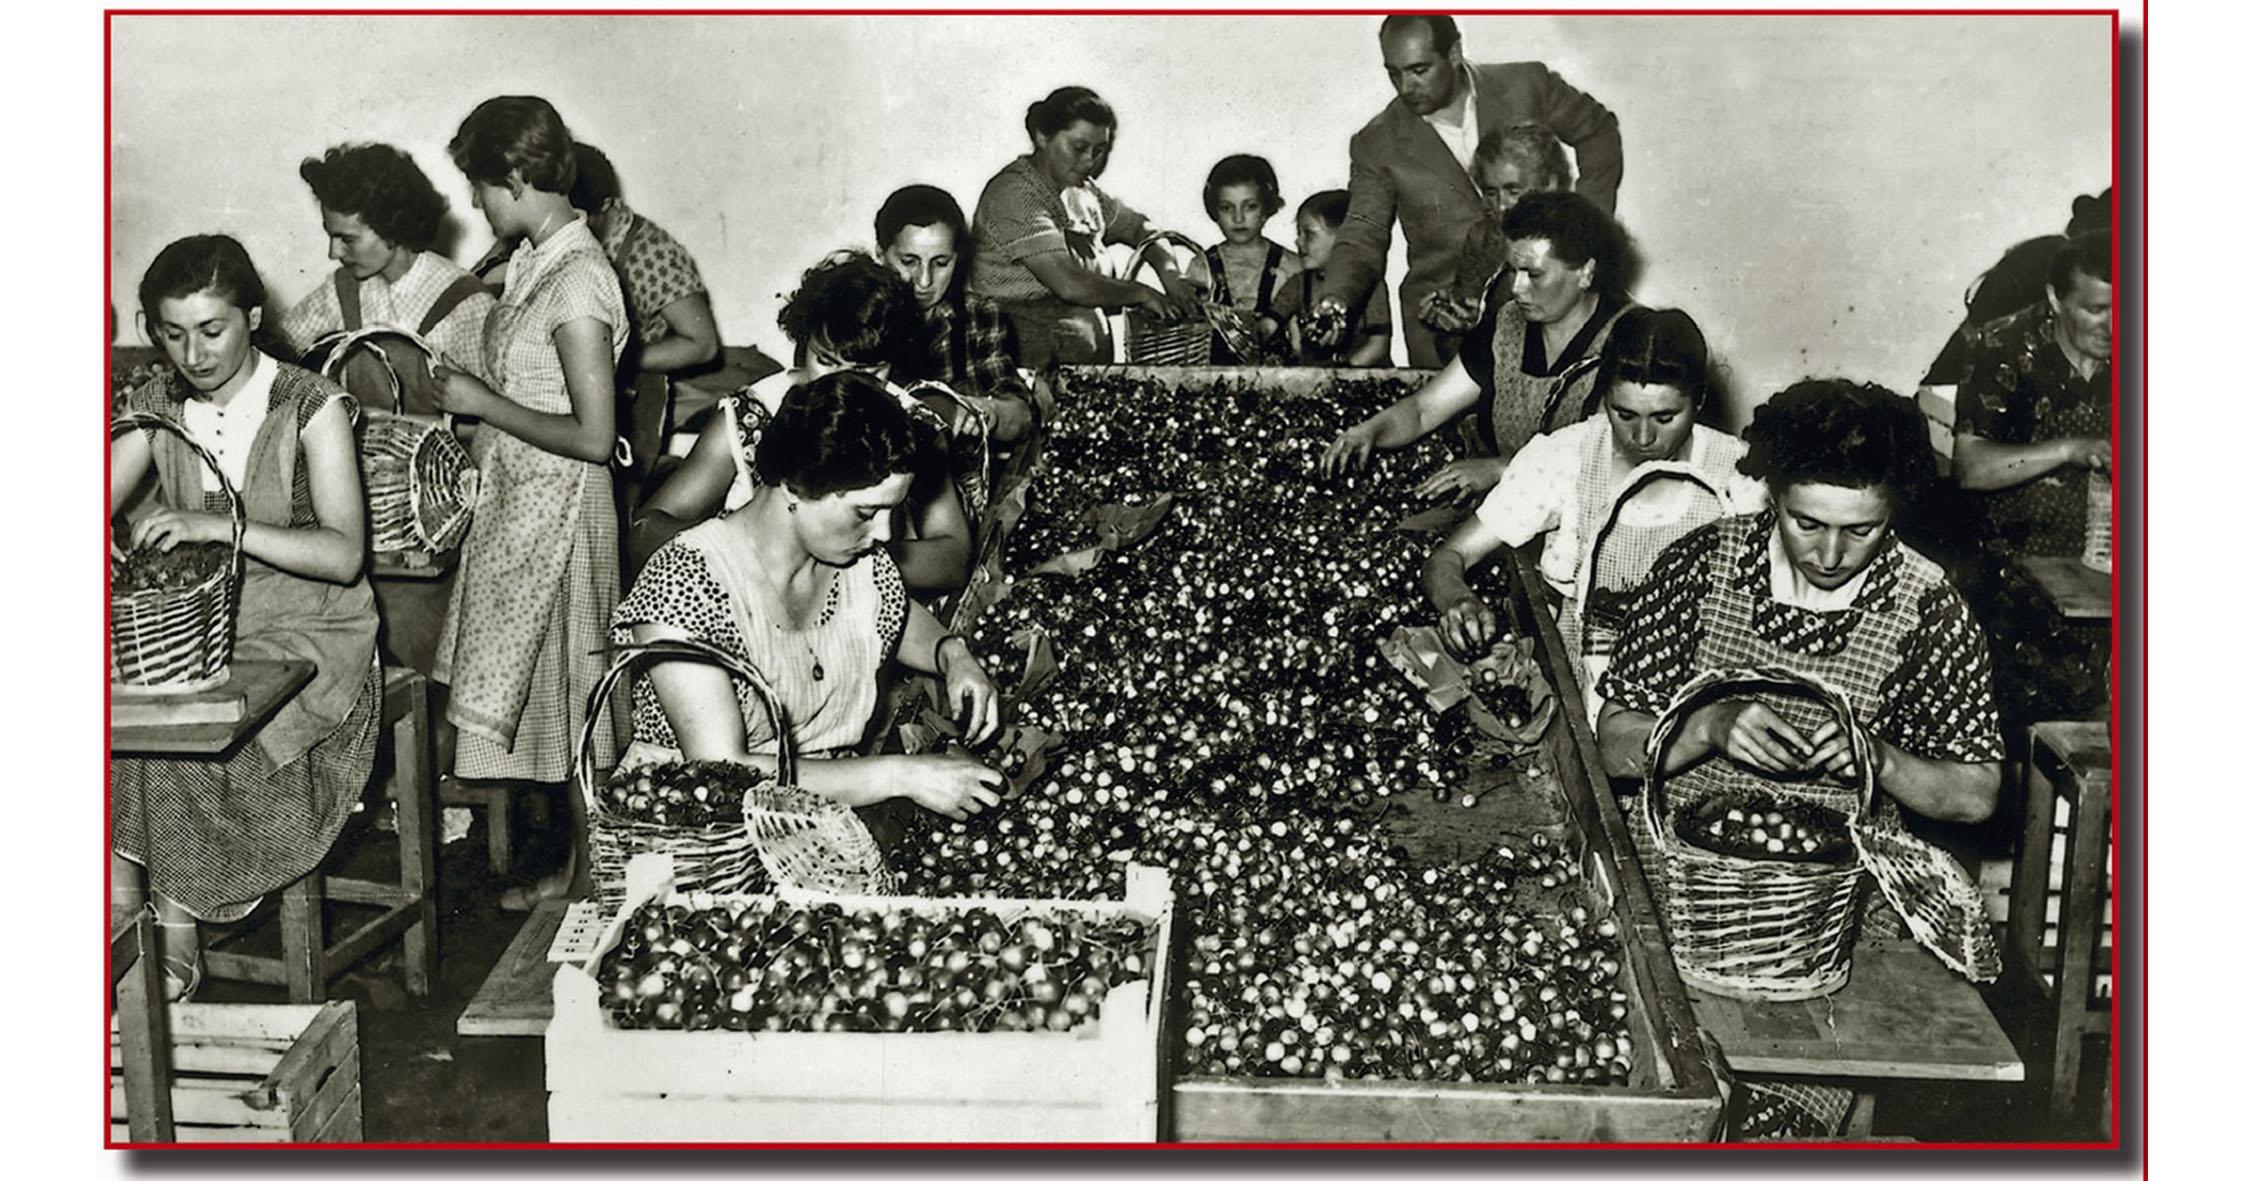 Le cernitrici della frutta a Vignola negli anni '60